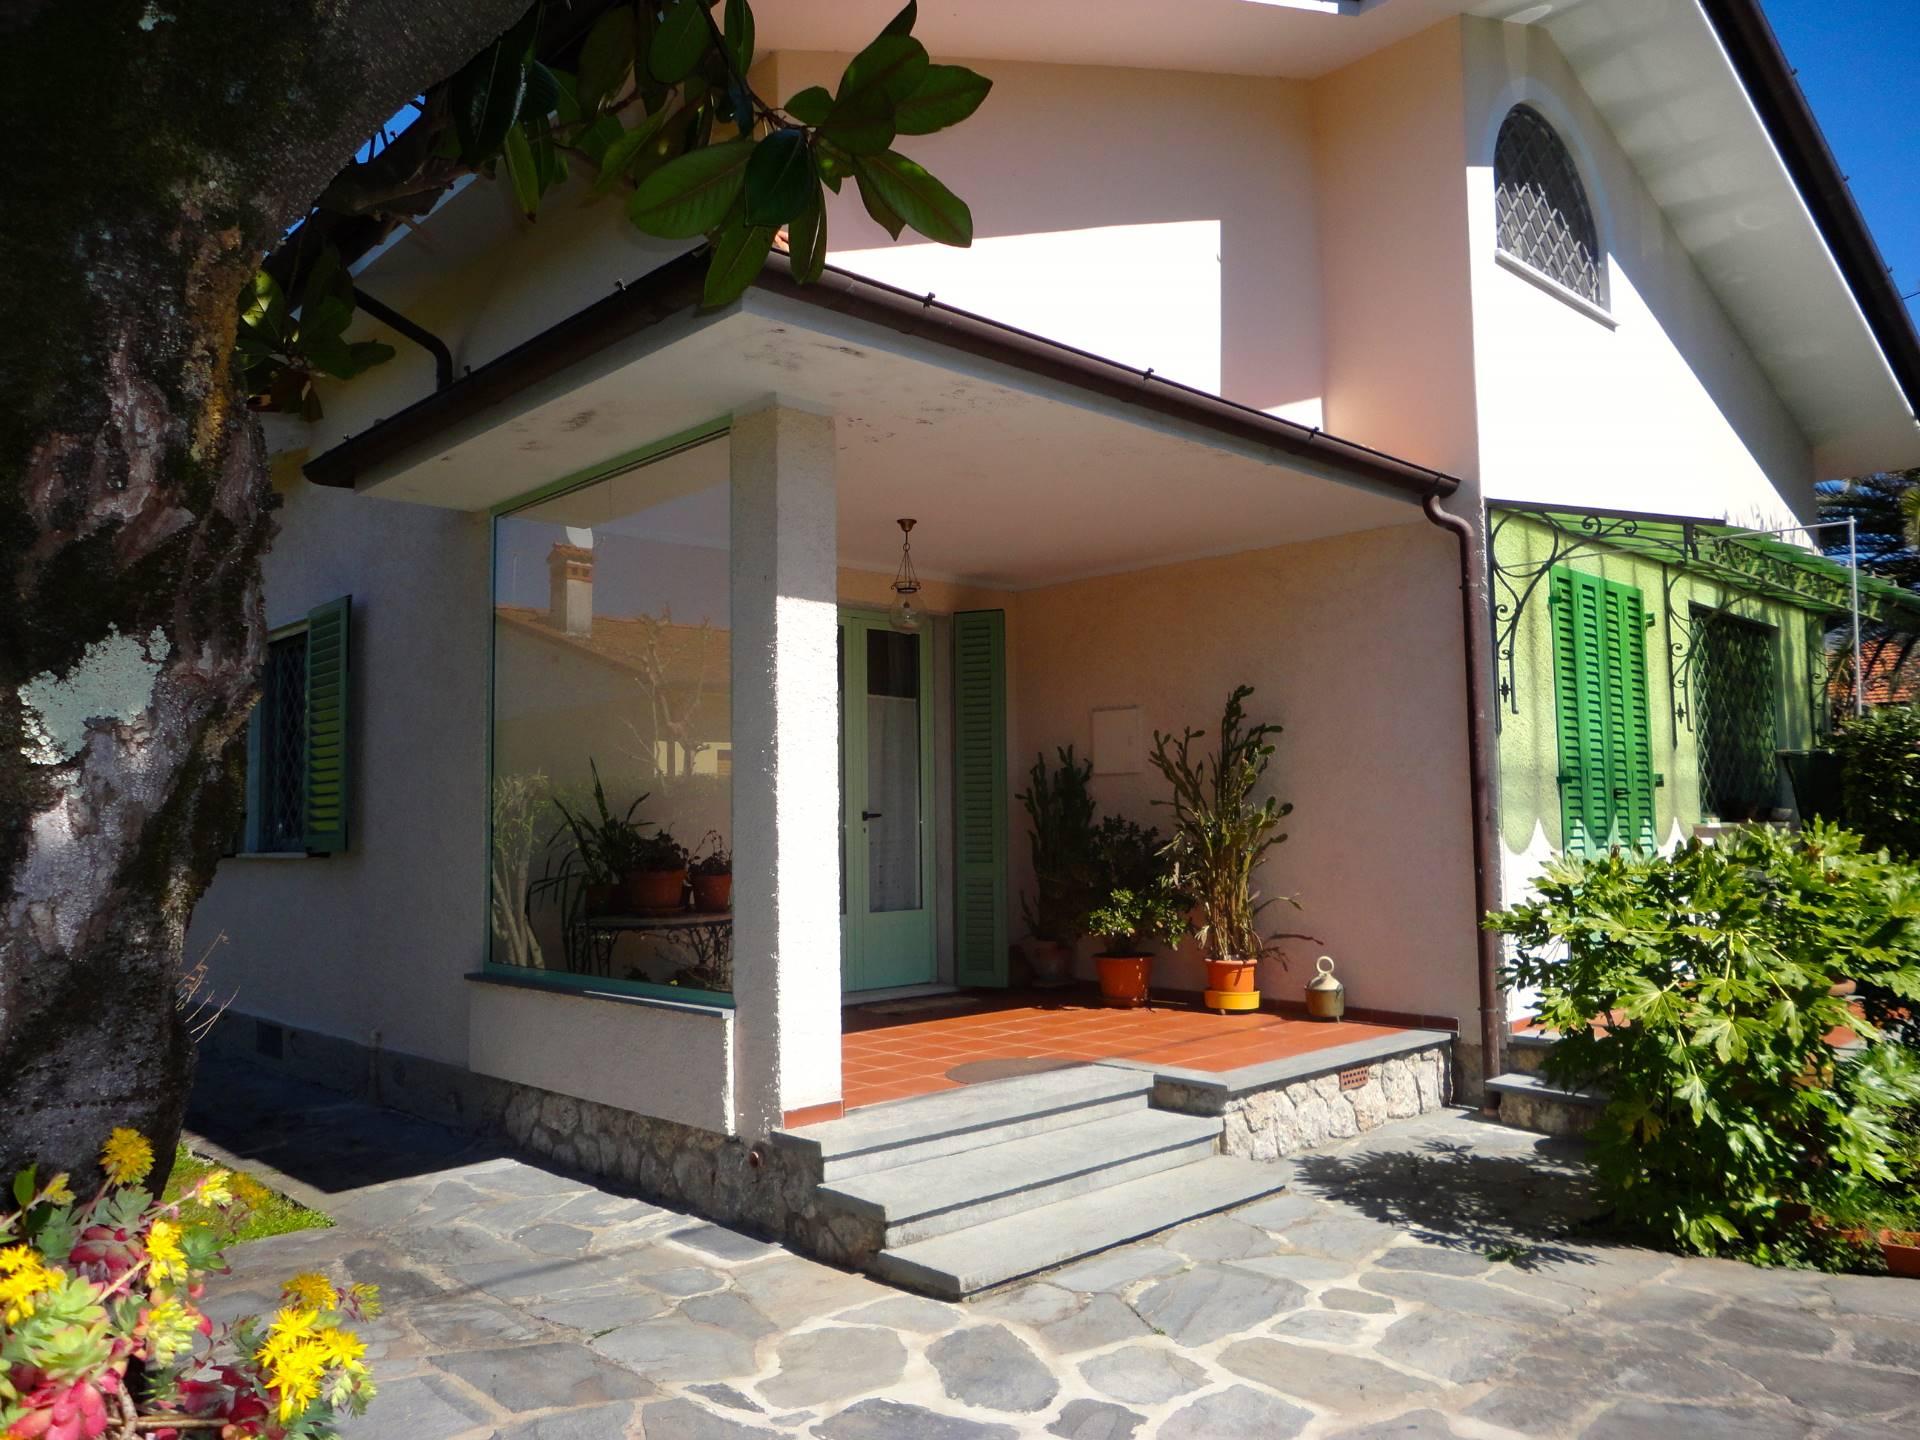 affitto villa bifamiliare forte dei marmi centro  5 locali  100 mq